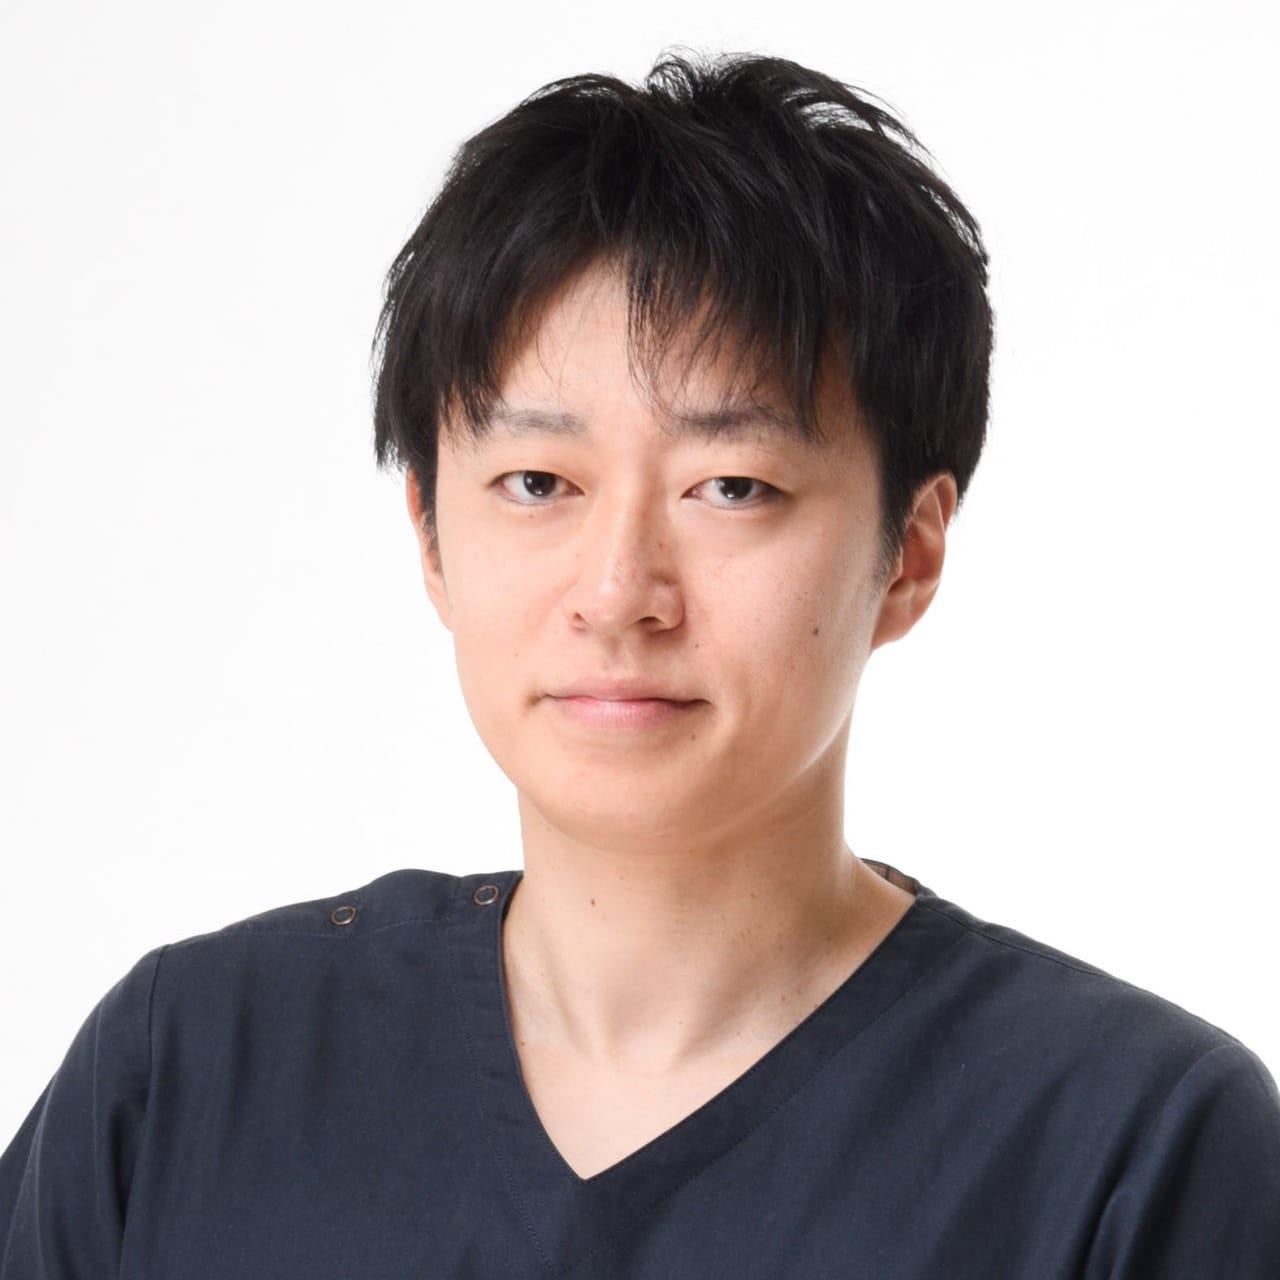 朝日林太郎先生のご紹介。